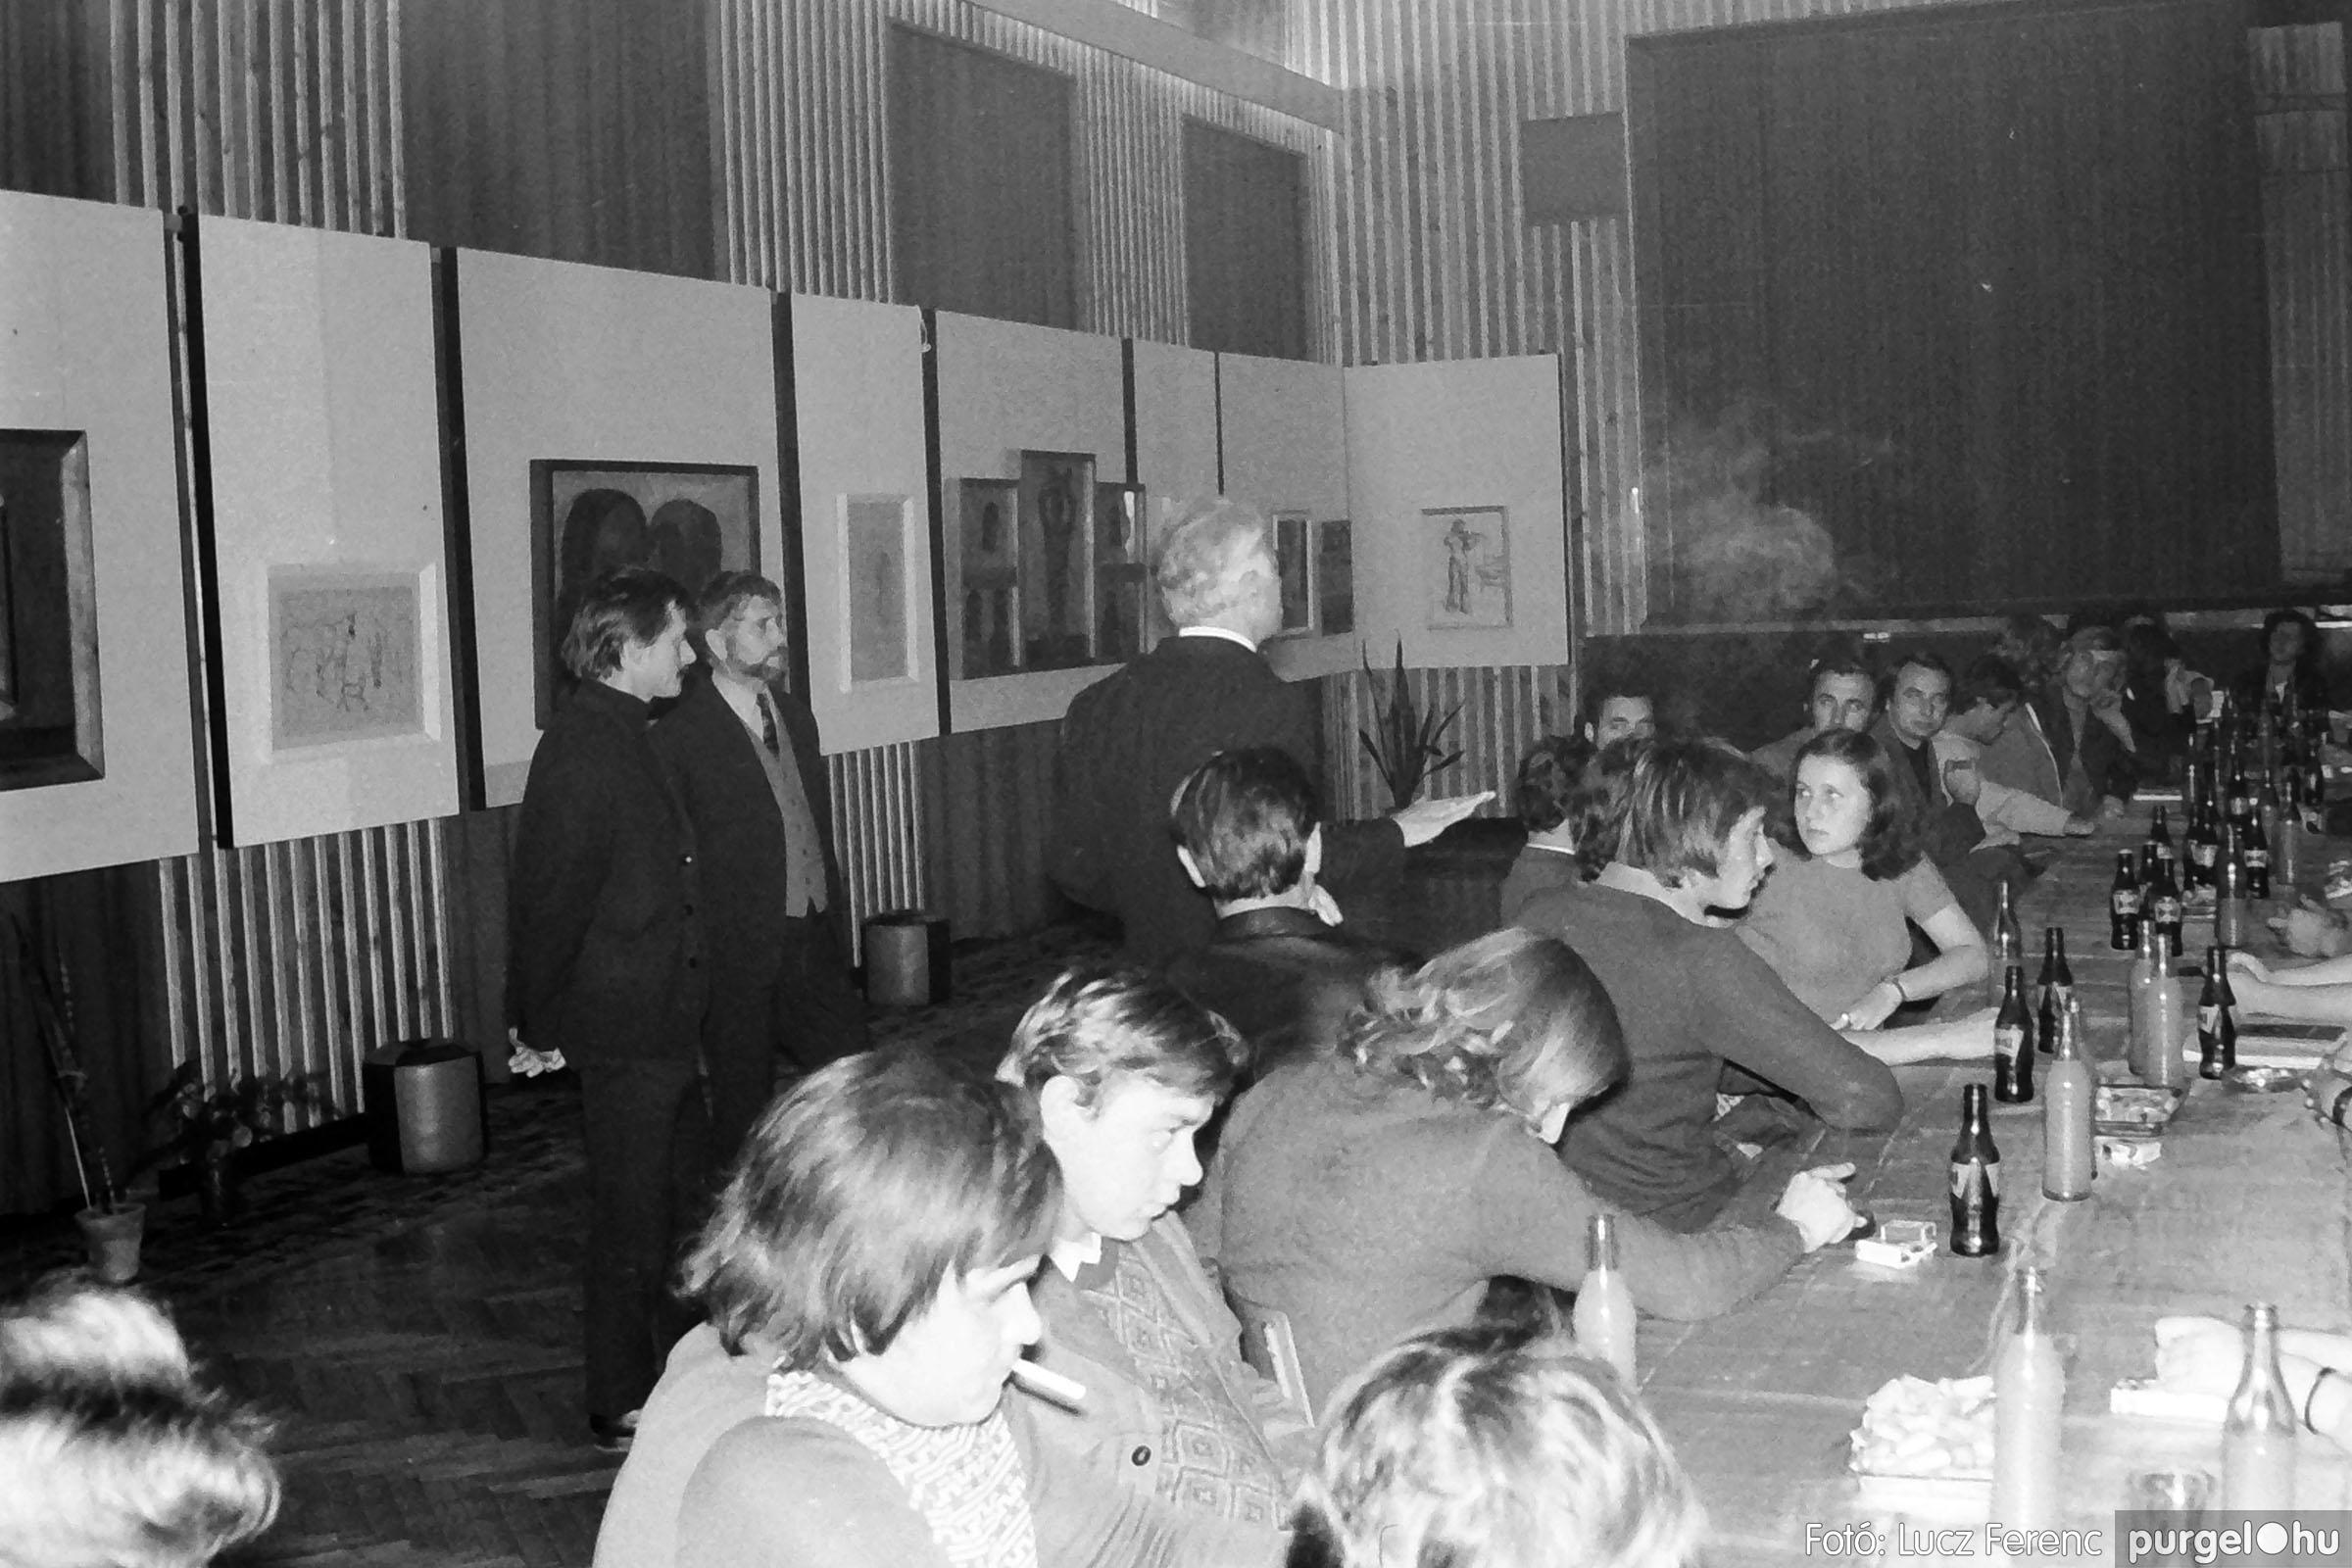 024 1975.10. Németh József és Szalay Ferenc festőművészek kiállítása 019 - Fotó: Lucz Ferenc IMG00220q.jpg